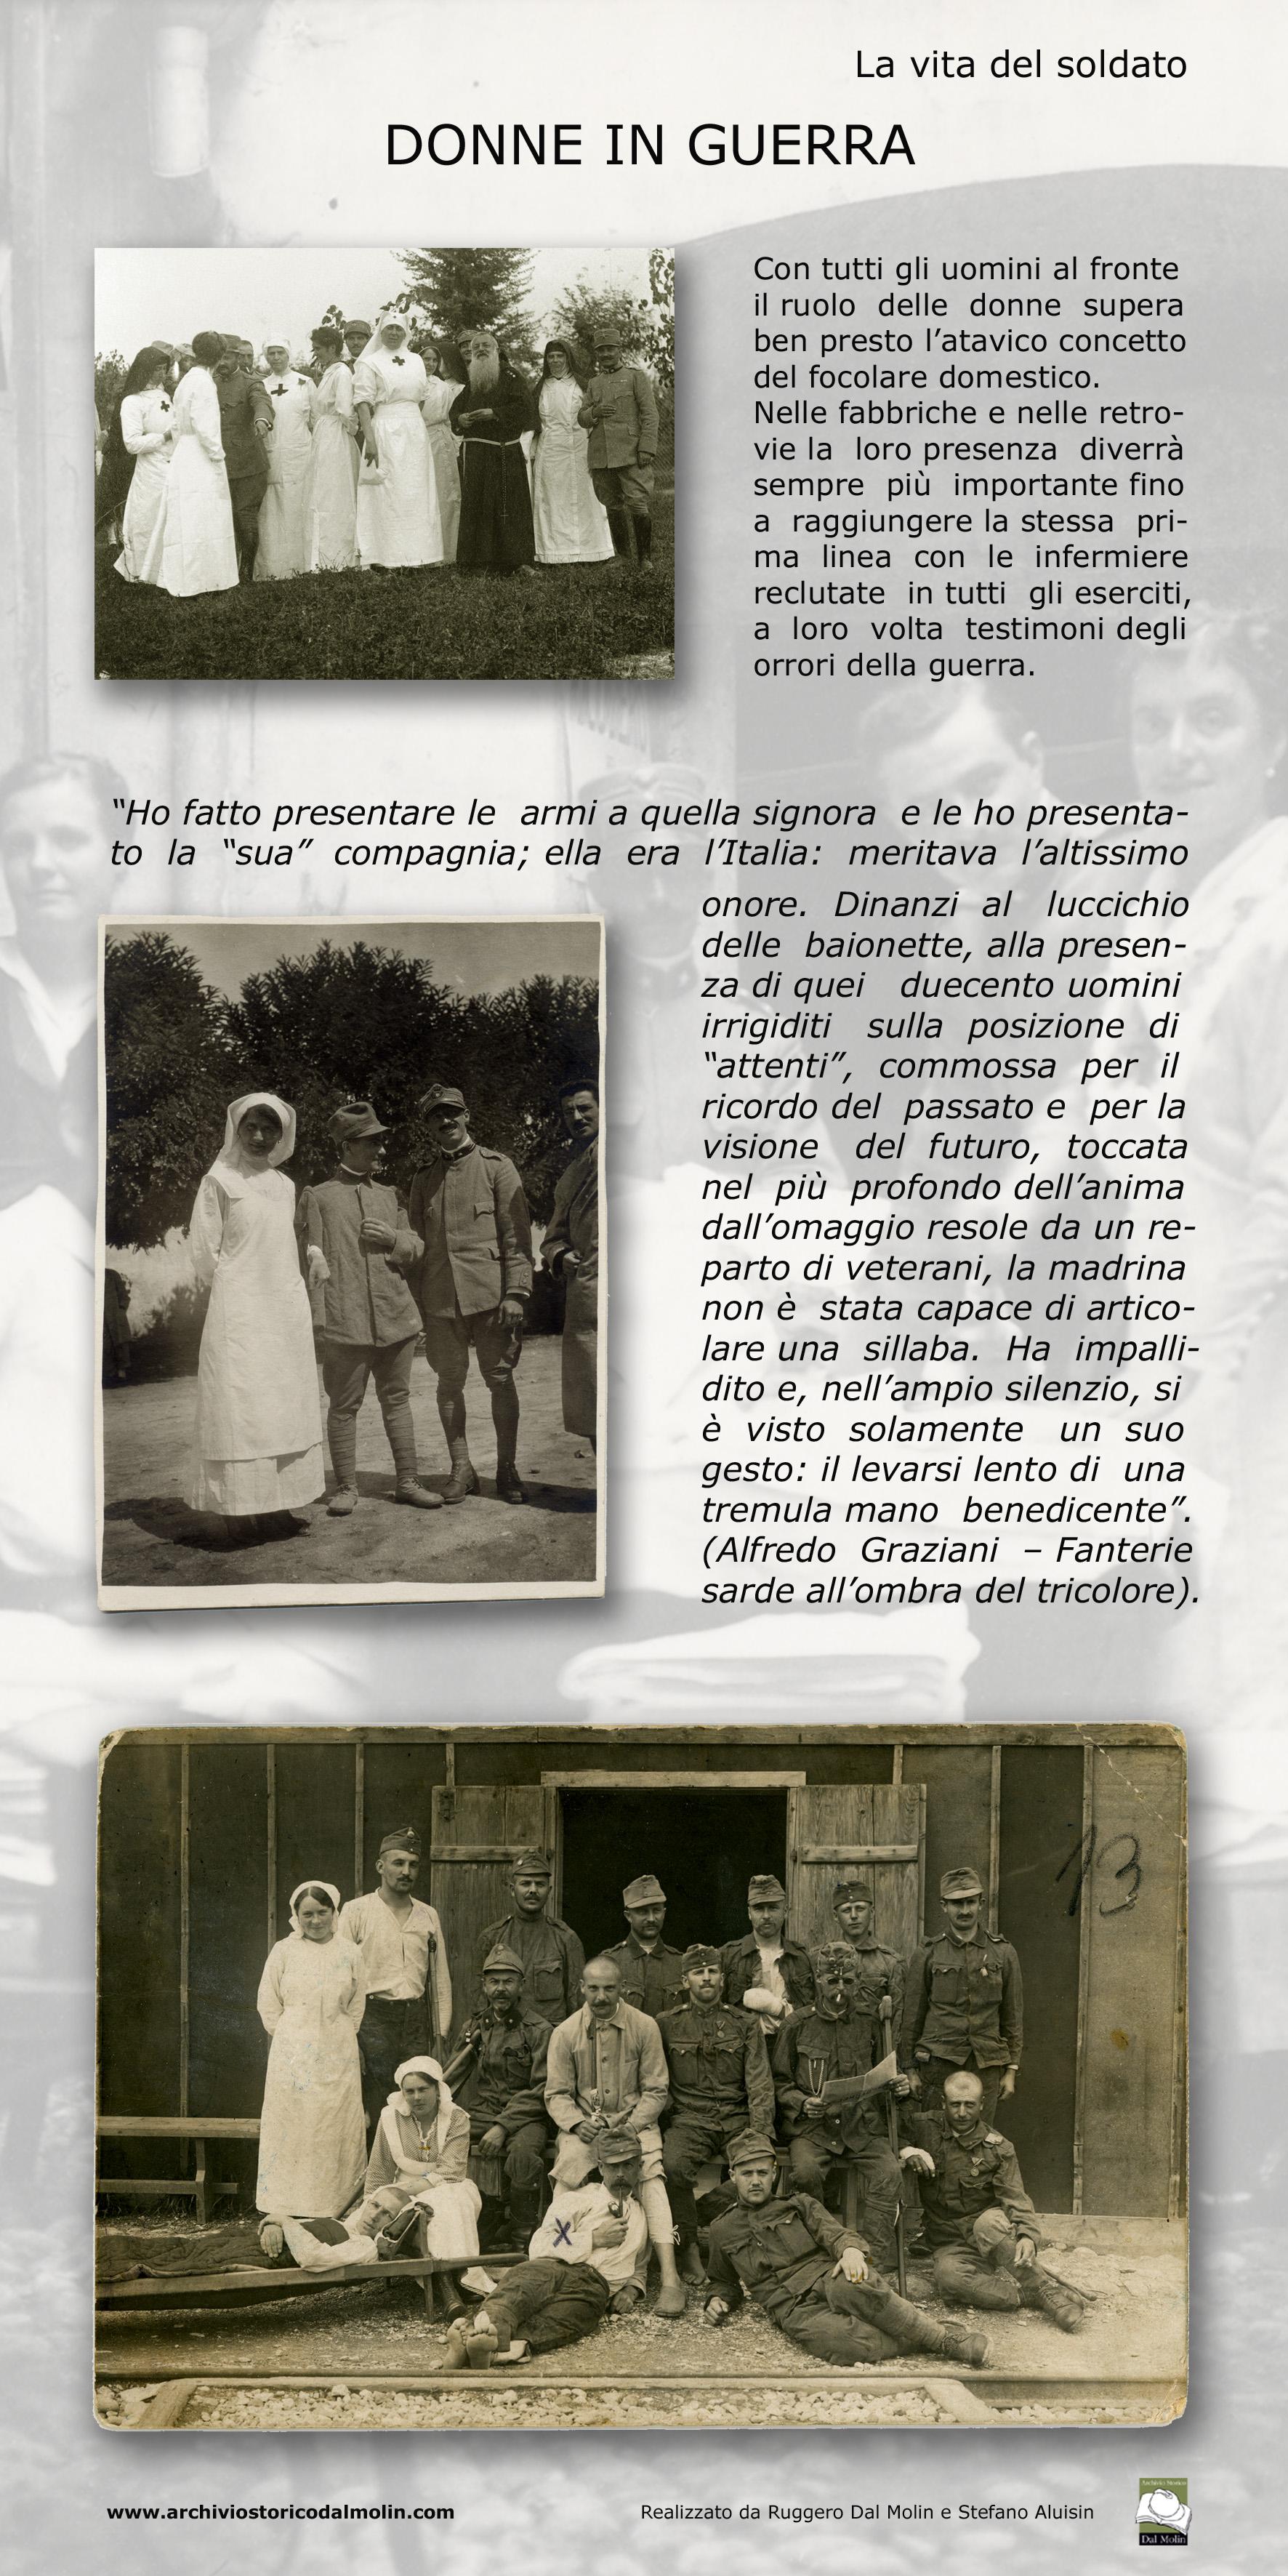 05 - pannello DONNE IN GUERRA.jpg